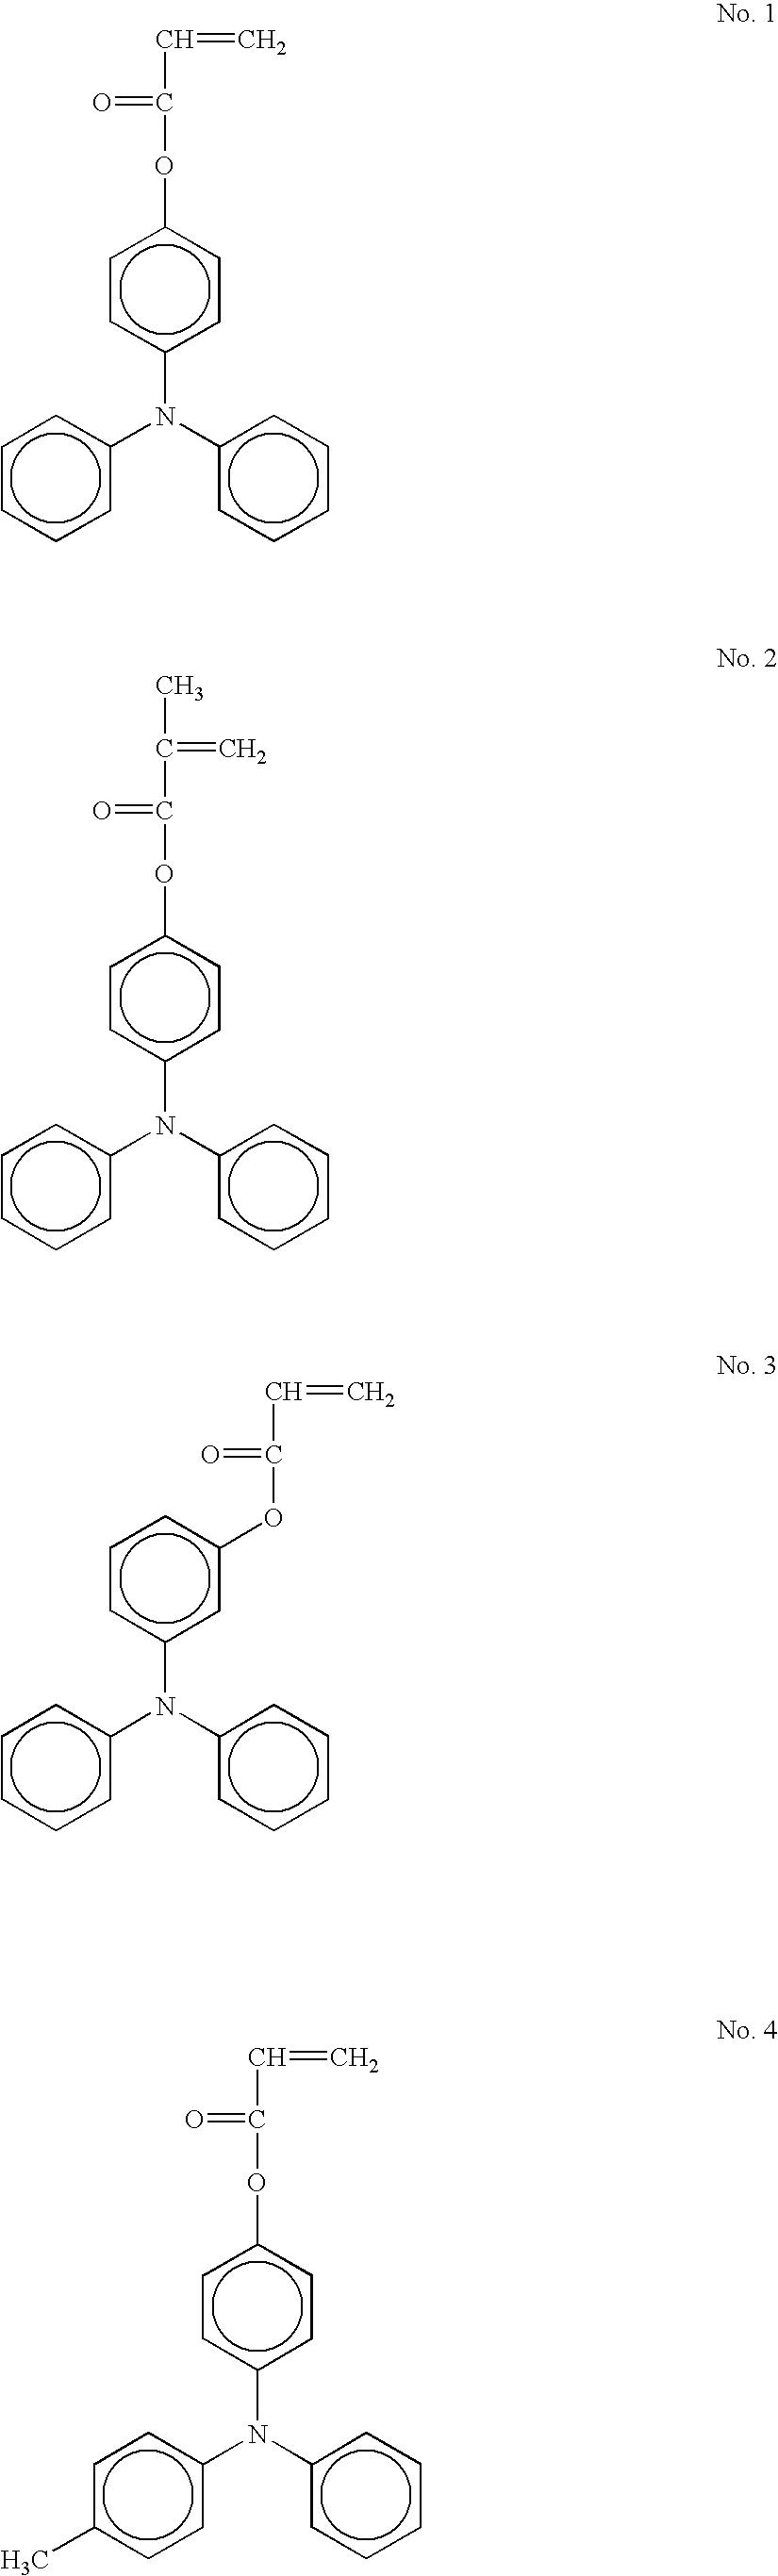 Figure US20050158641A1-20050721-C00017